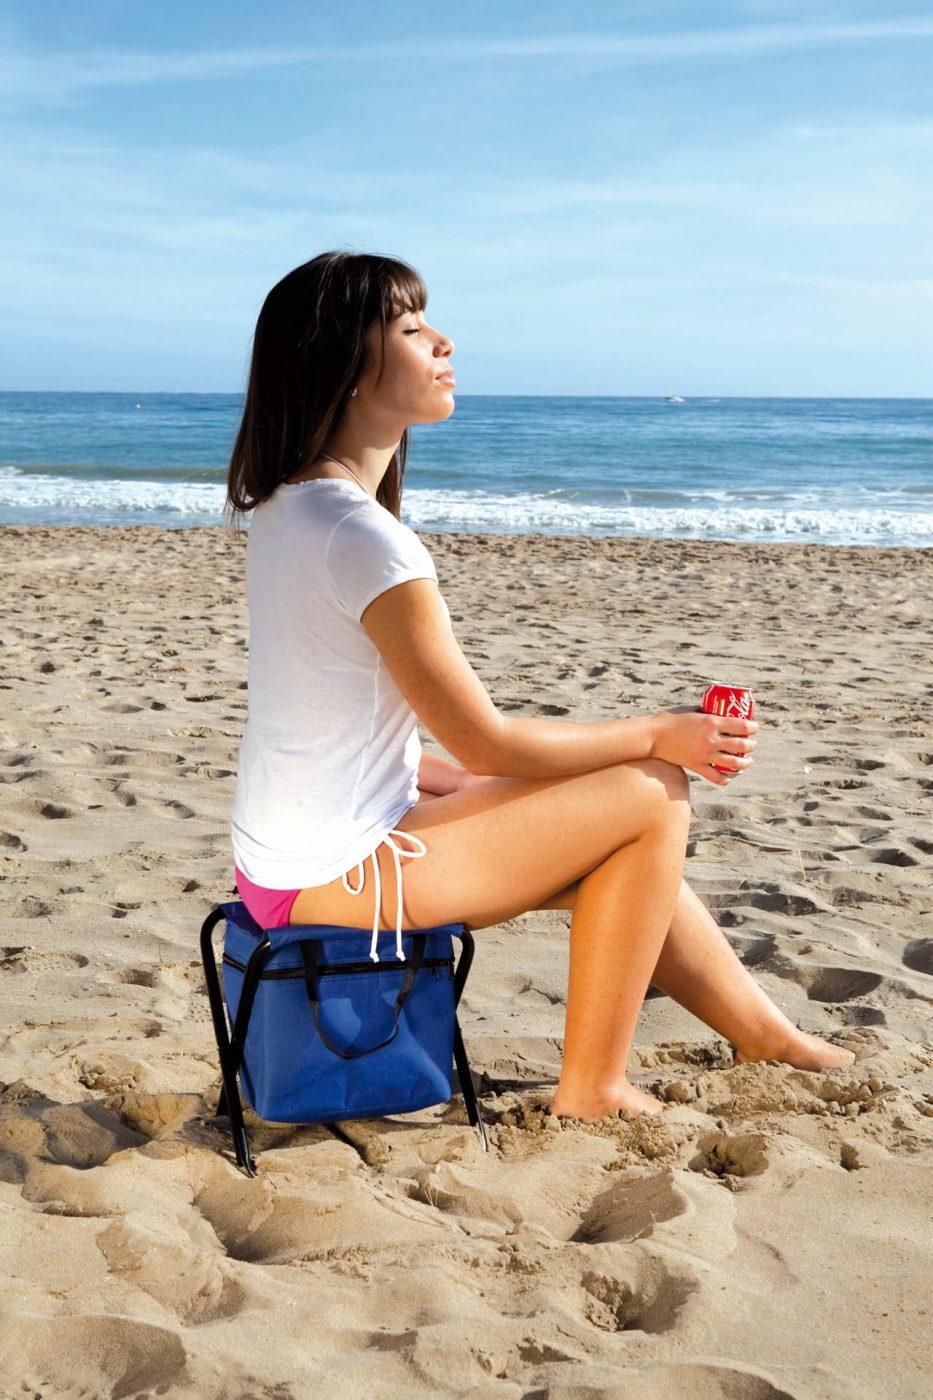 Silla nevera plegable ideal para un día en la playa